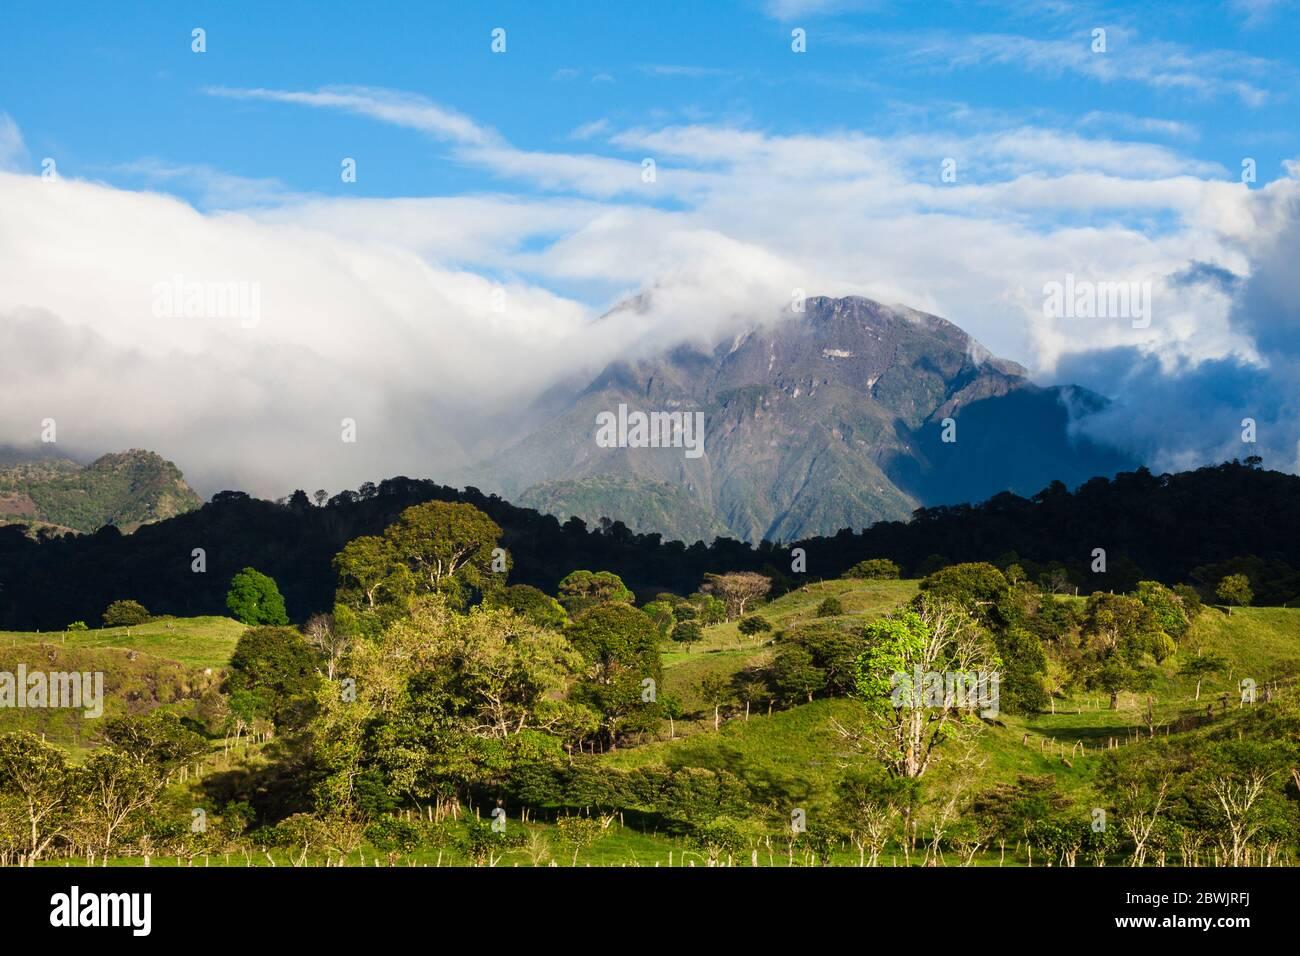 Lumière du soir sur Volvan Baru, 3475 m, vue juste en dehors de la ville de Volcan, province de Chiriqui, République du Panama. Banque D'Images